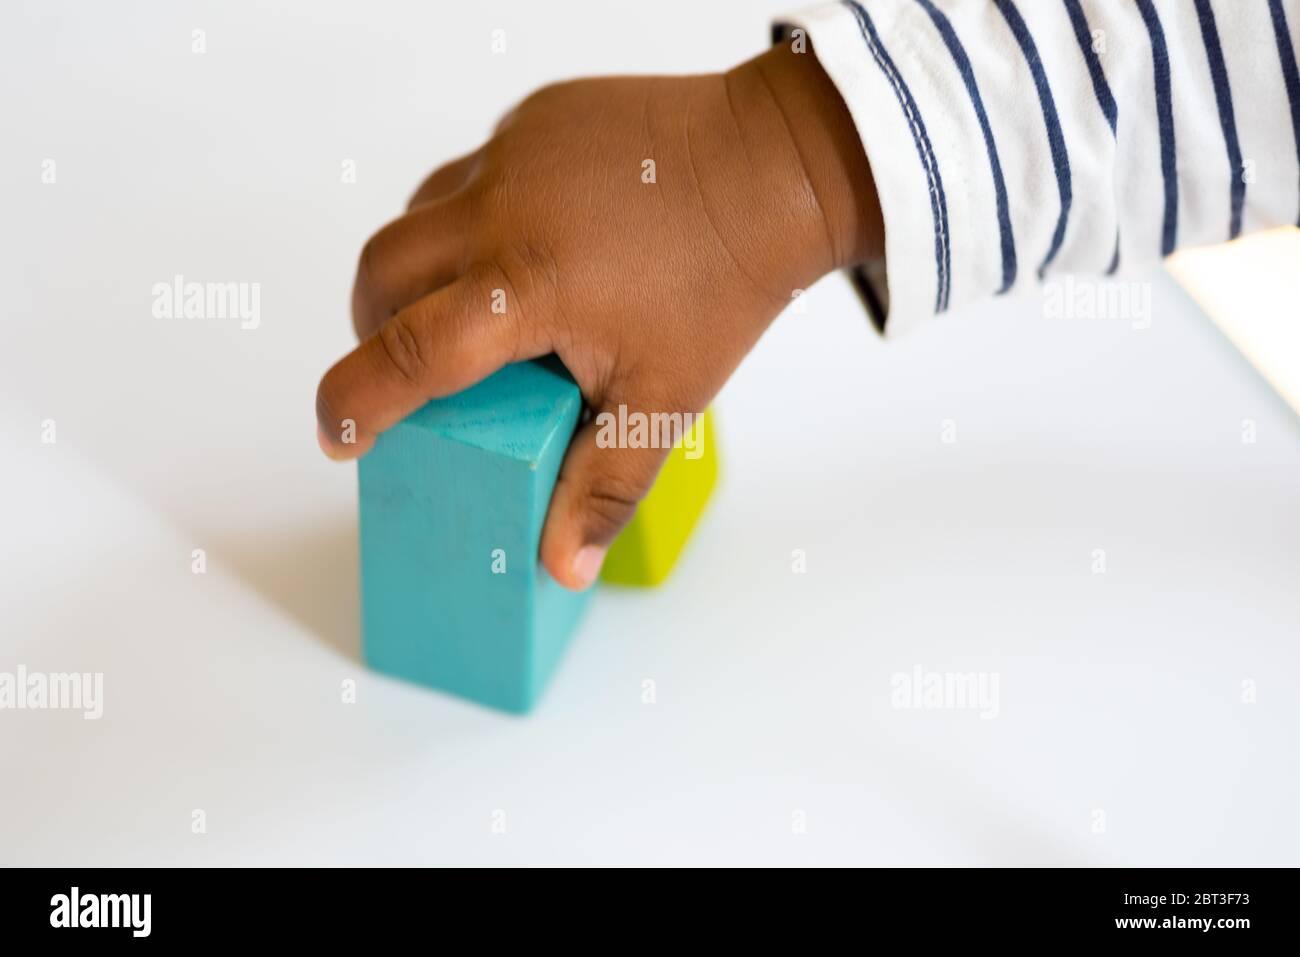 Un enfant d'un an jouant avec des blocs de bois de construction colorés sur la table Banque D'Images